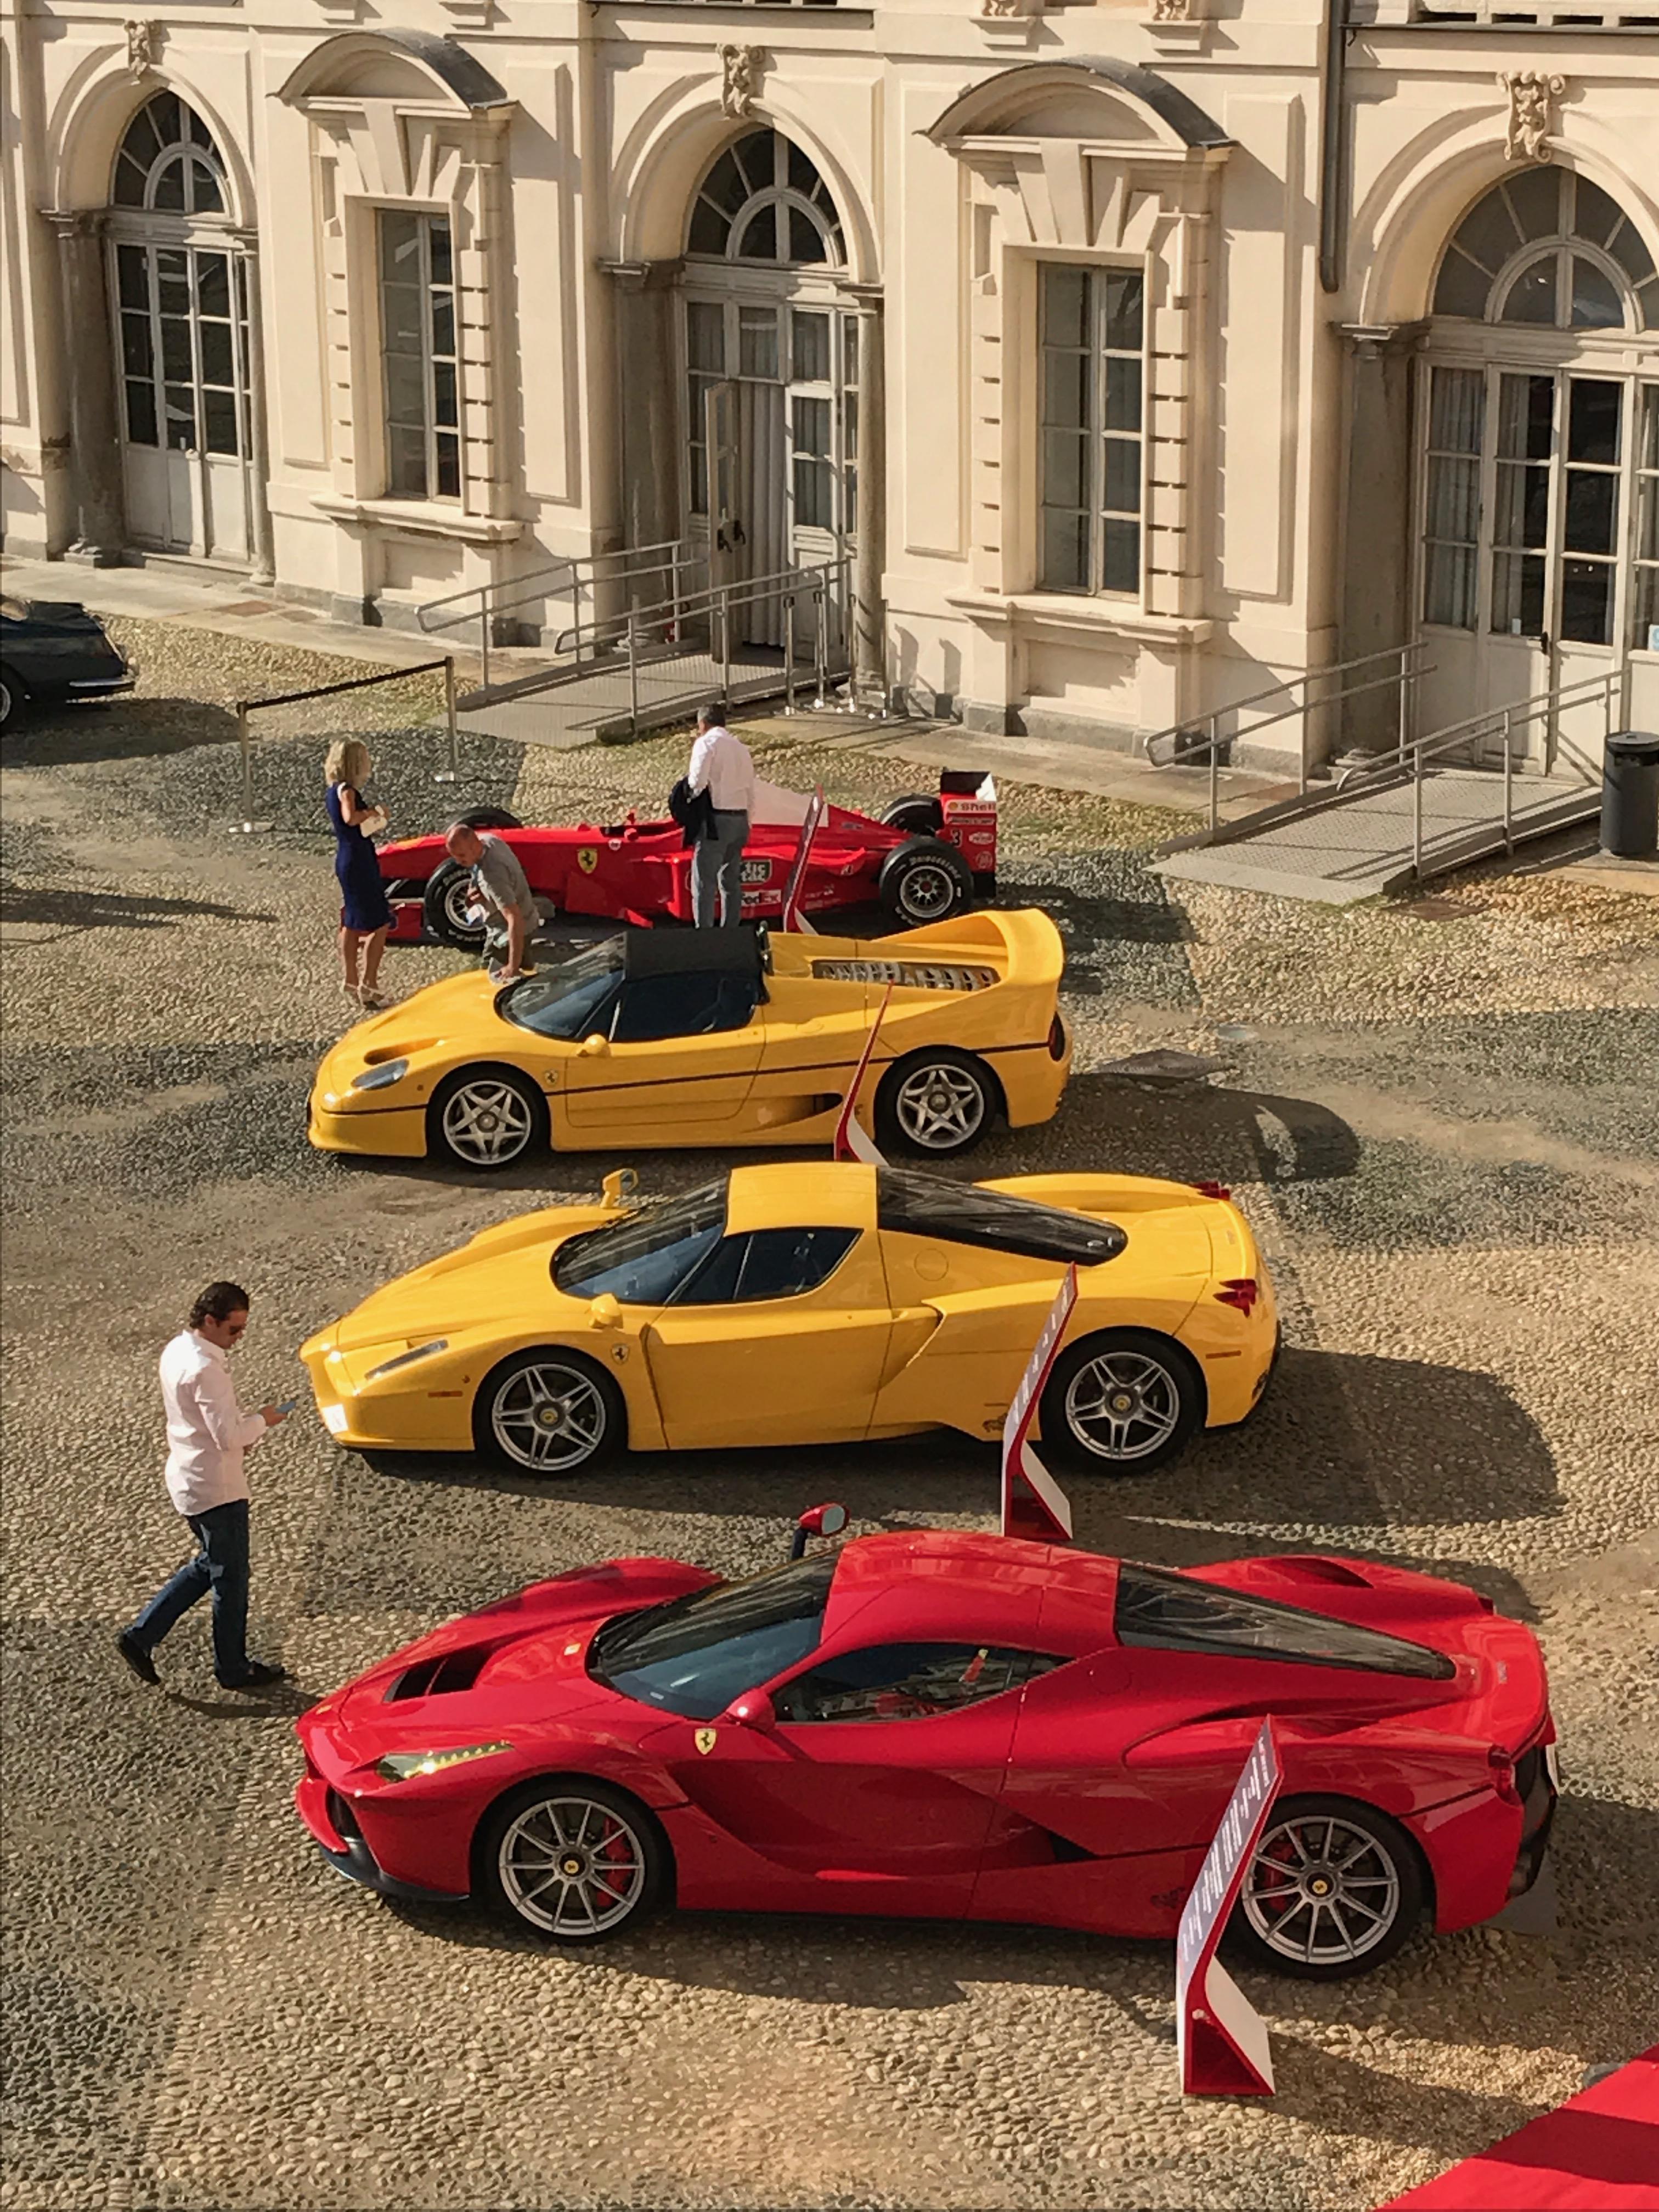 Salone dell'Auto Torino Parco Valentino 2017